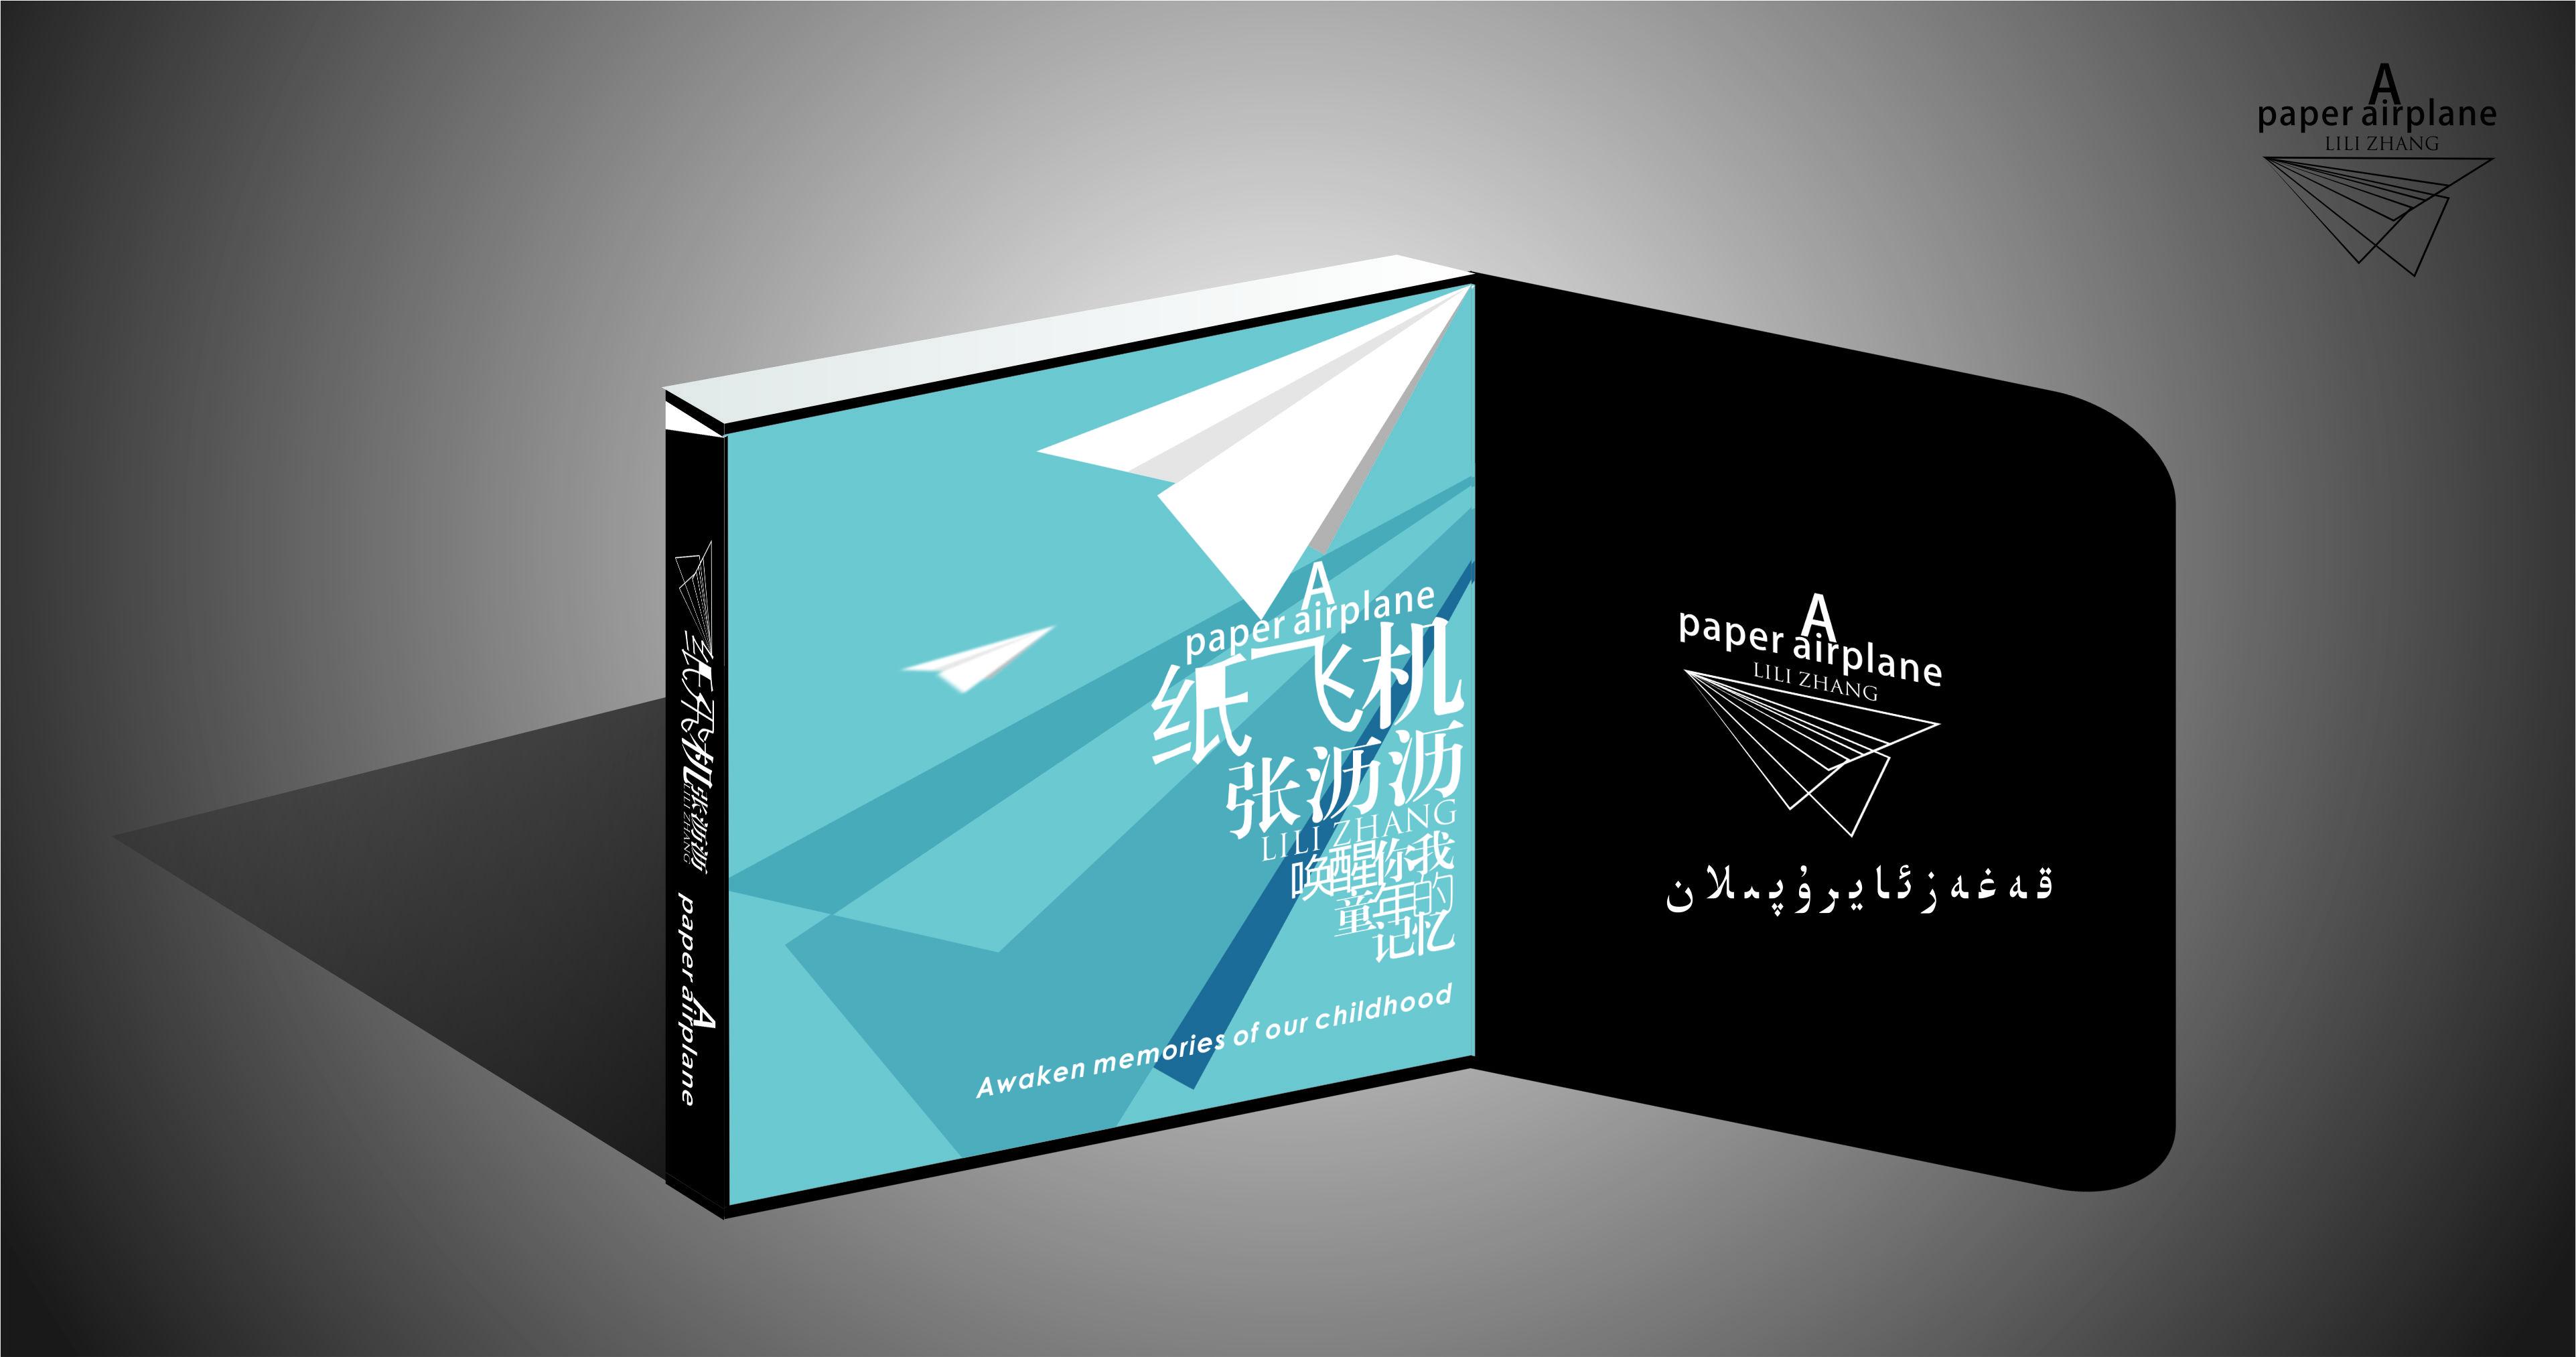 纸飞机CD包装立体效果